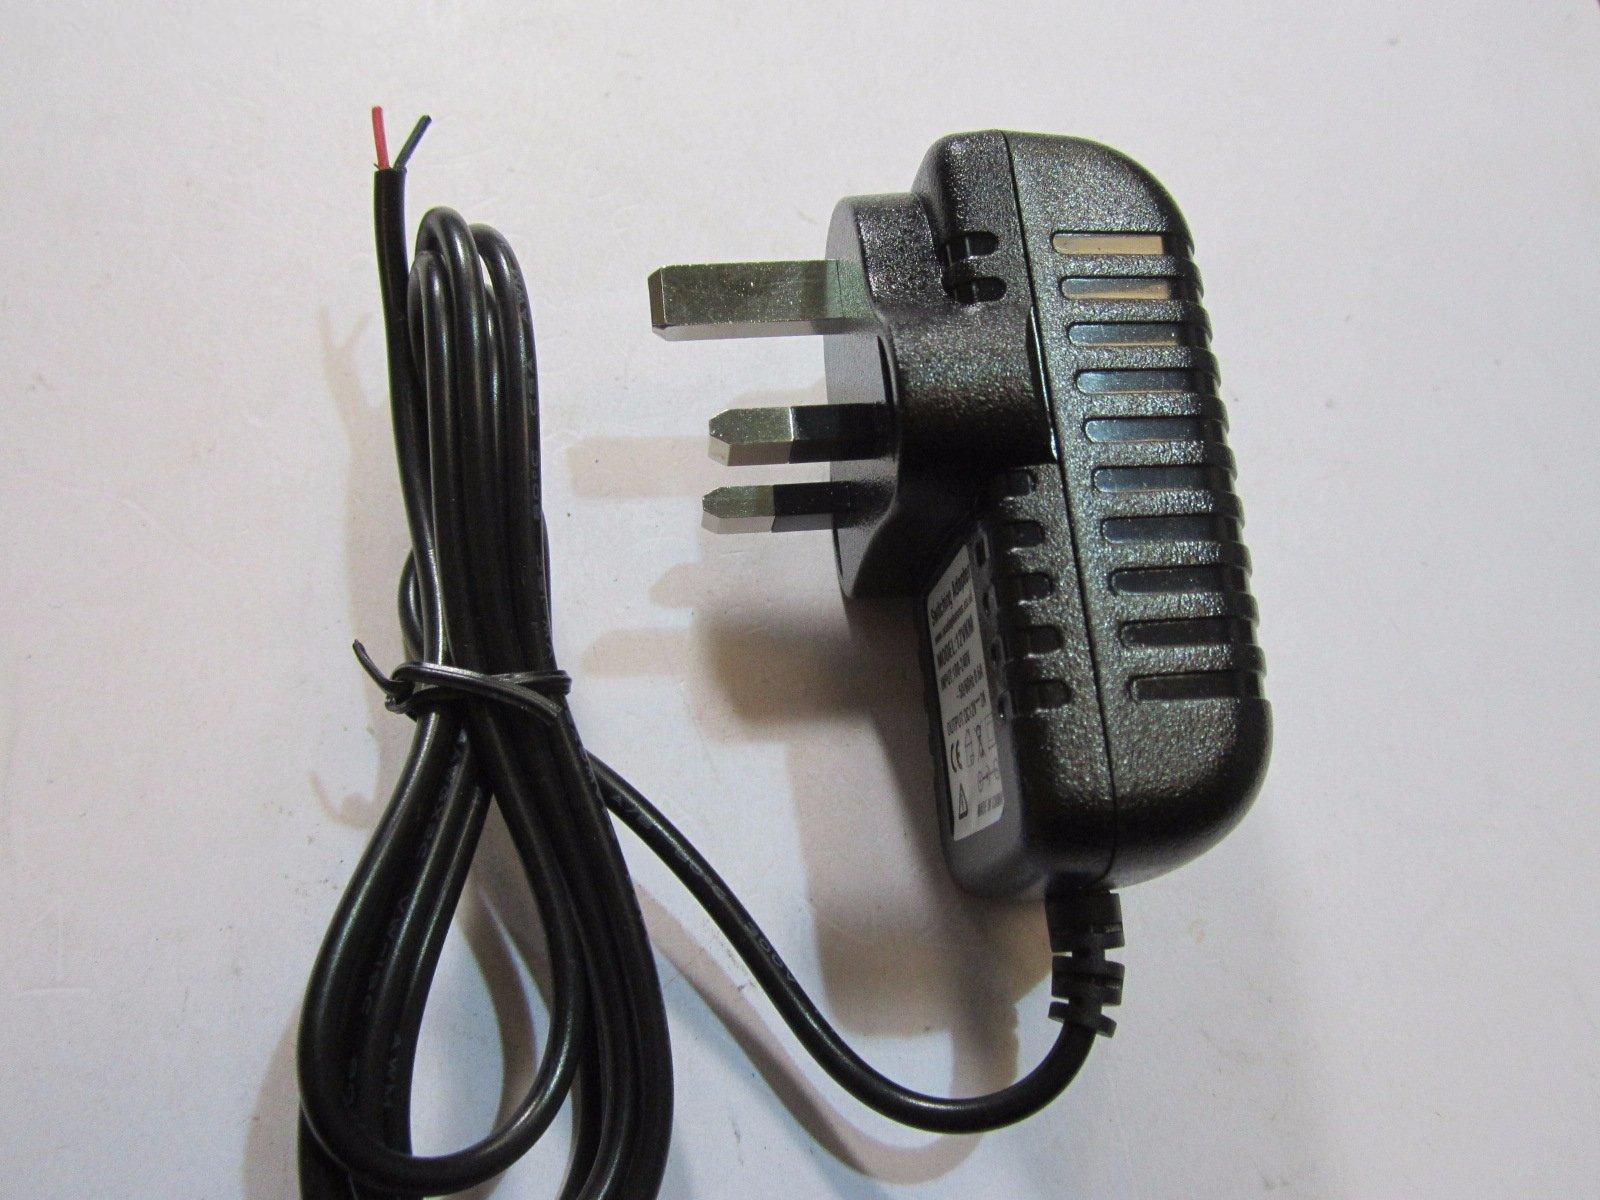 uk 12v 2a mains ac dc switching adaptor power supply red black rh ebay co uk 12V Regulator Wiring 12V VR6